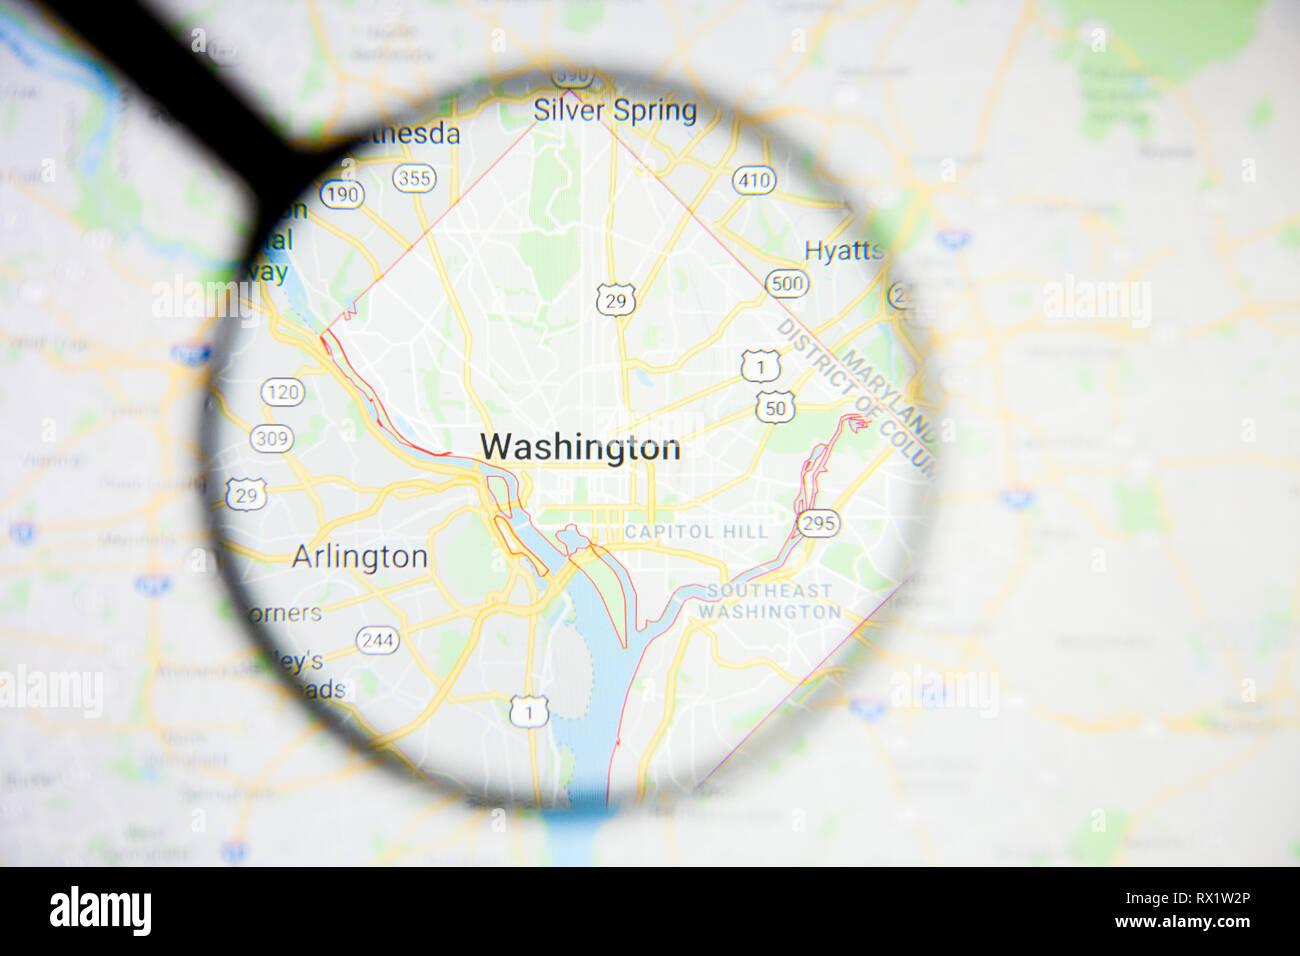 La ville de Washington d'illustration de visualisation sur écran d'affichage par concept loupe Photo Stock